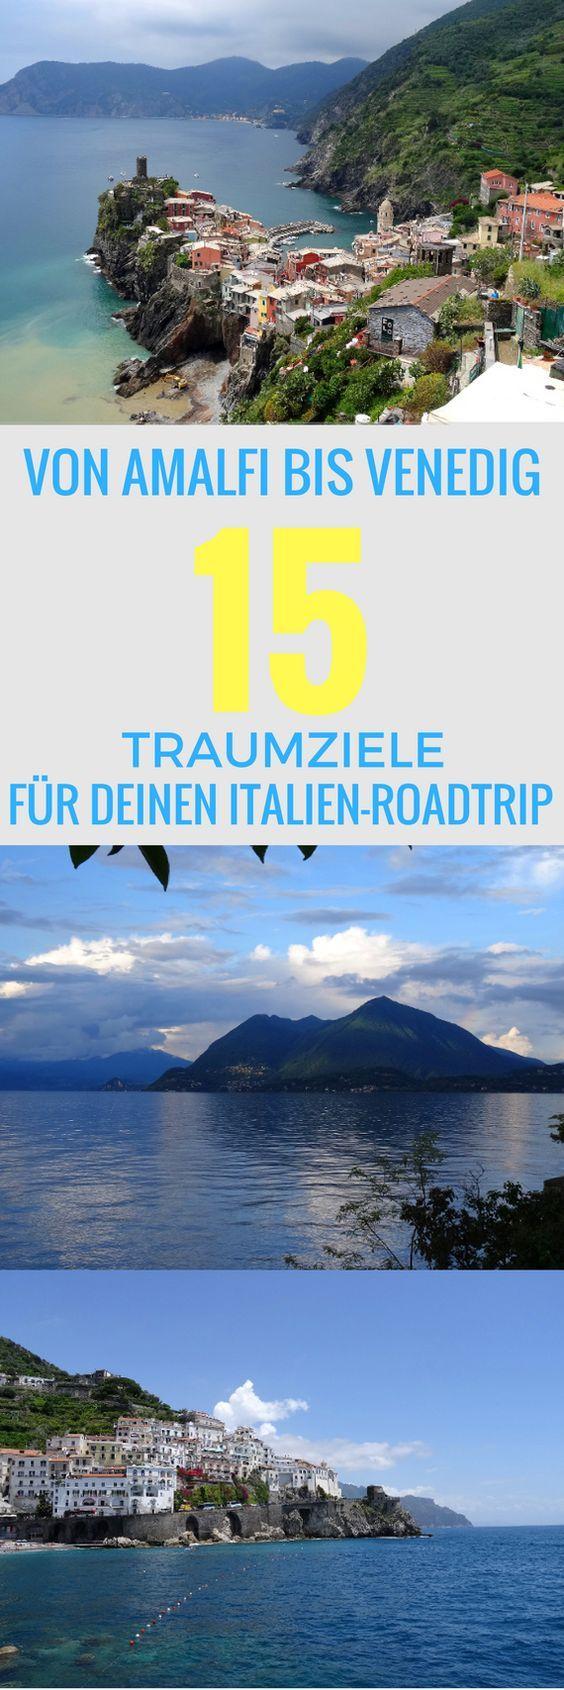 Von Amalfi bis Venedig: 15 Traumziele für deinen Italien-Roadtrip – Stephanie Oellers